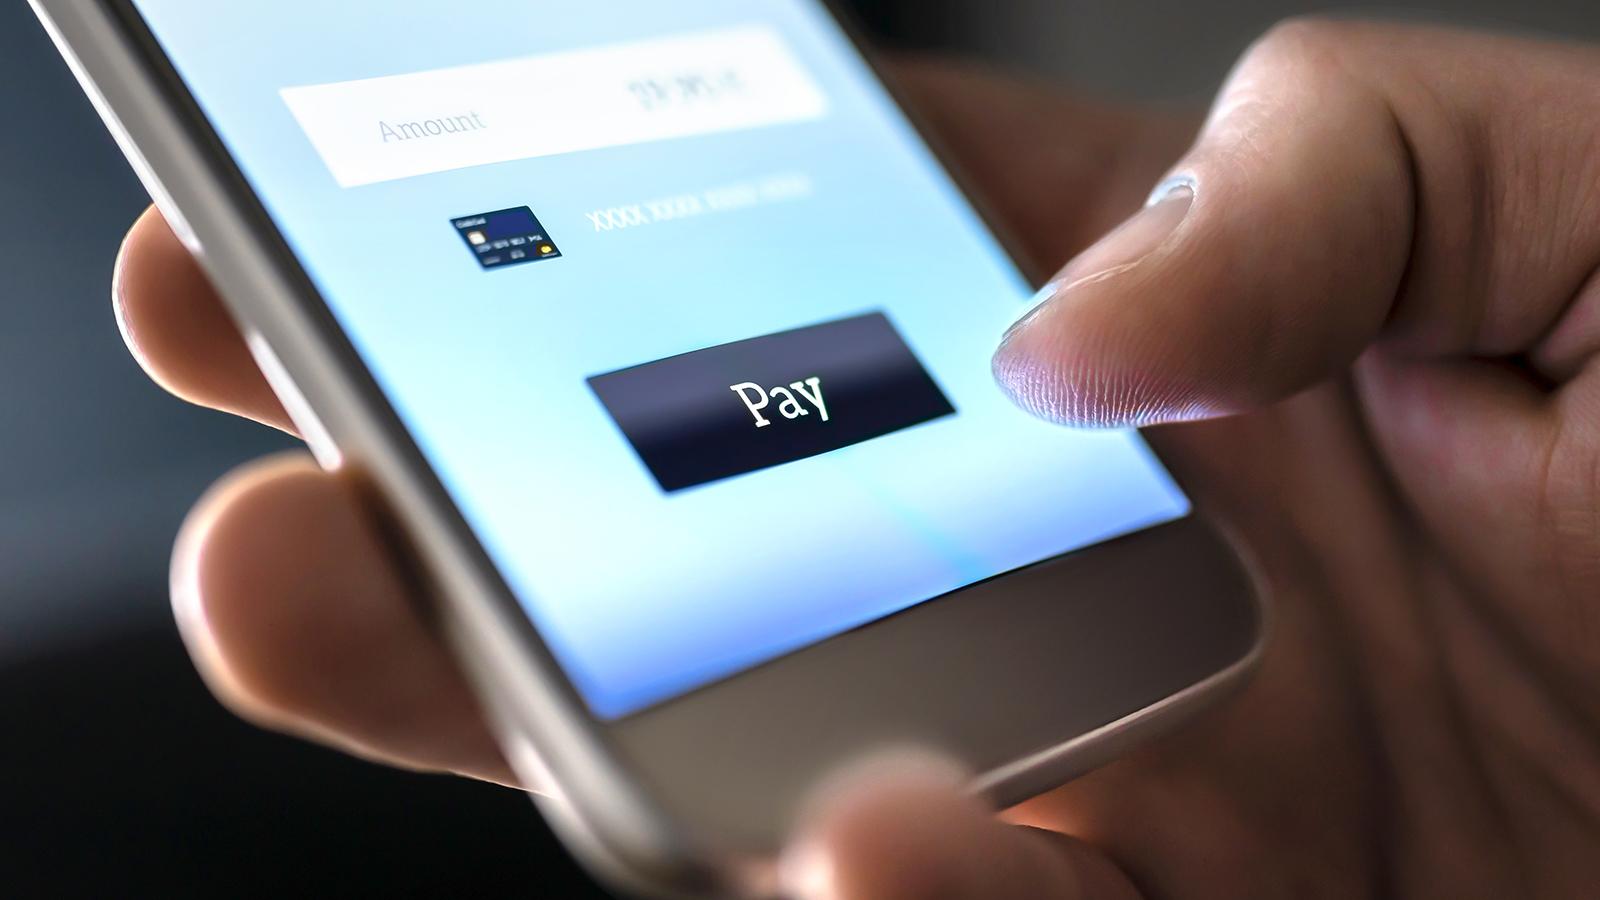 Los medios de pago online ayudan a no salir de casa en tiempos del coronavirus 1